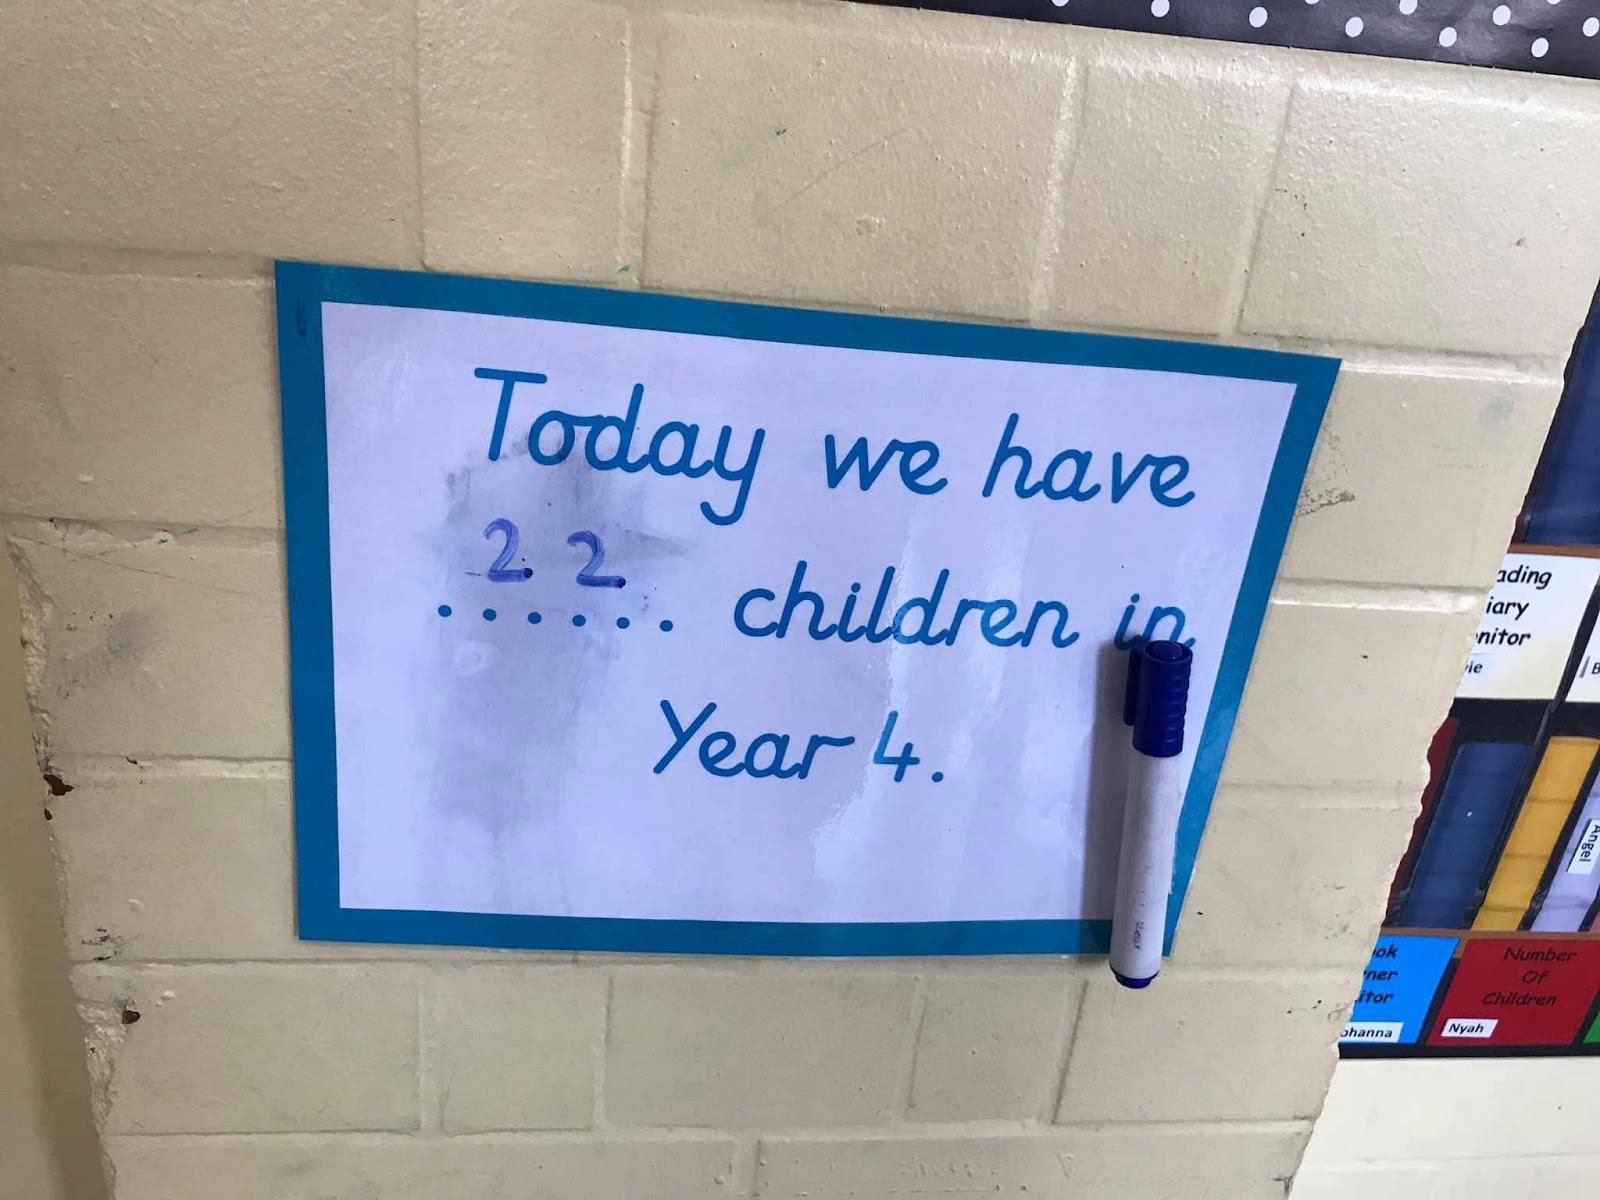 На випадок екстренної ситуації у класі завжди є список з кількістю дітей, що перебувають там у певний день